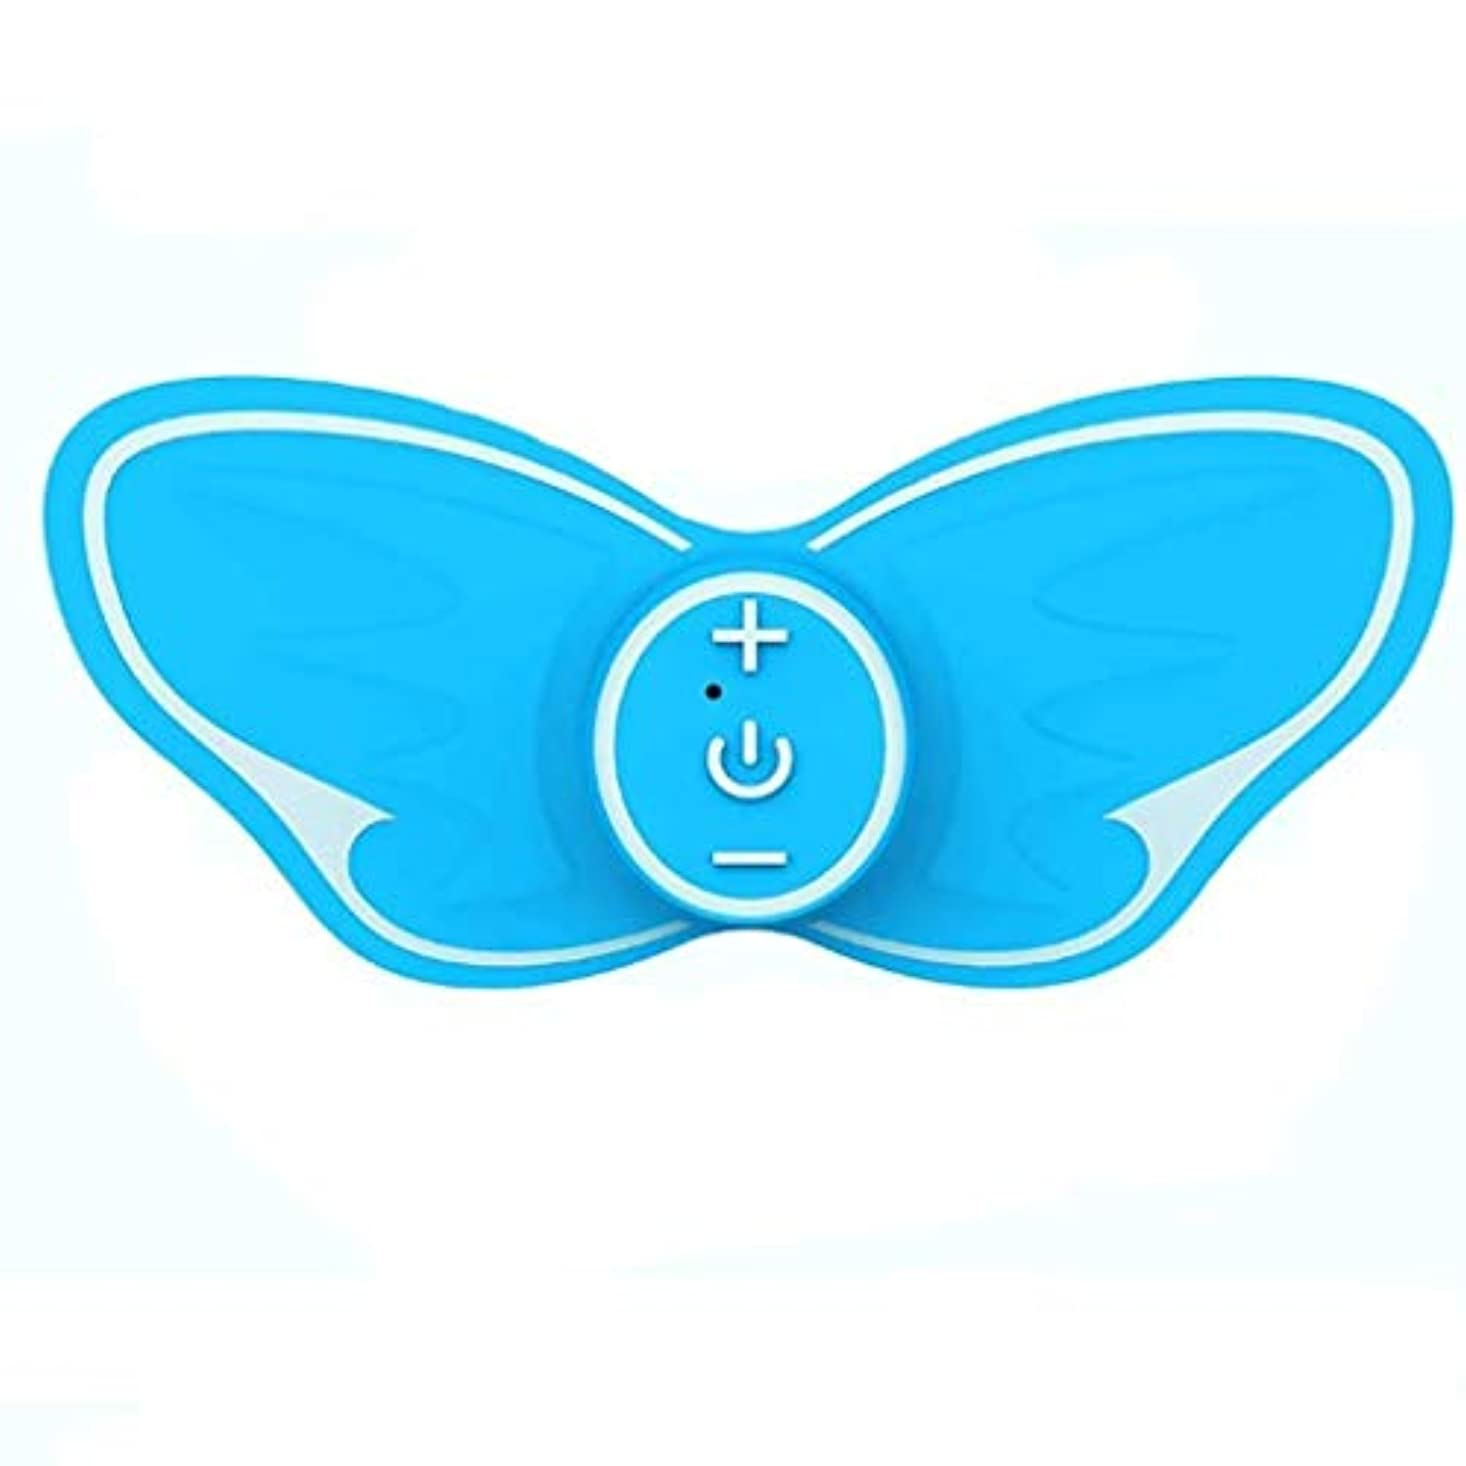 メーター怠スカート電動ネックマッサージャー、スマートミニネックフィンガープレッシャーマッサージスティック、USB充電、加熱/ディープニーディングボディマッサージ、ポータブル (Color : 青)